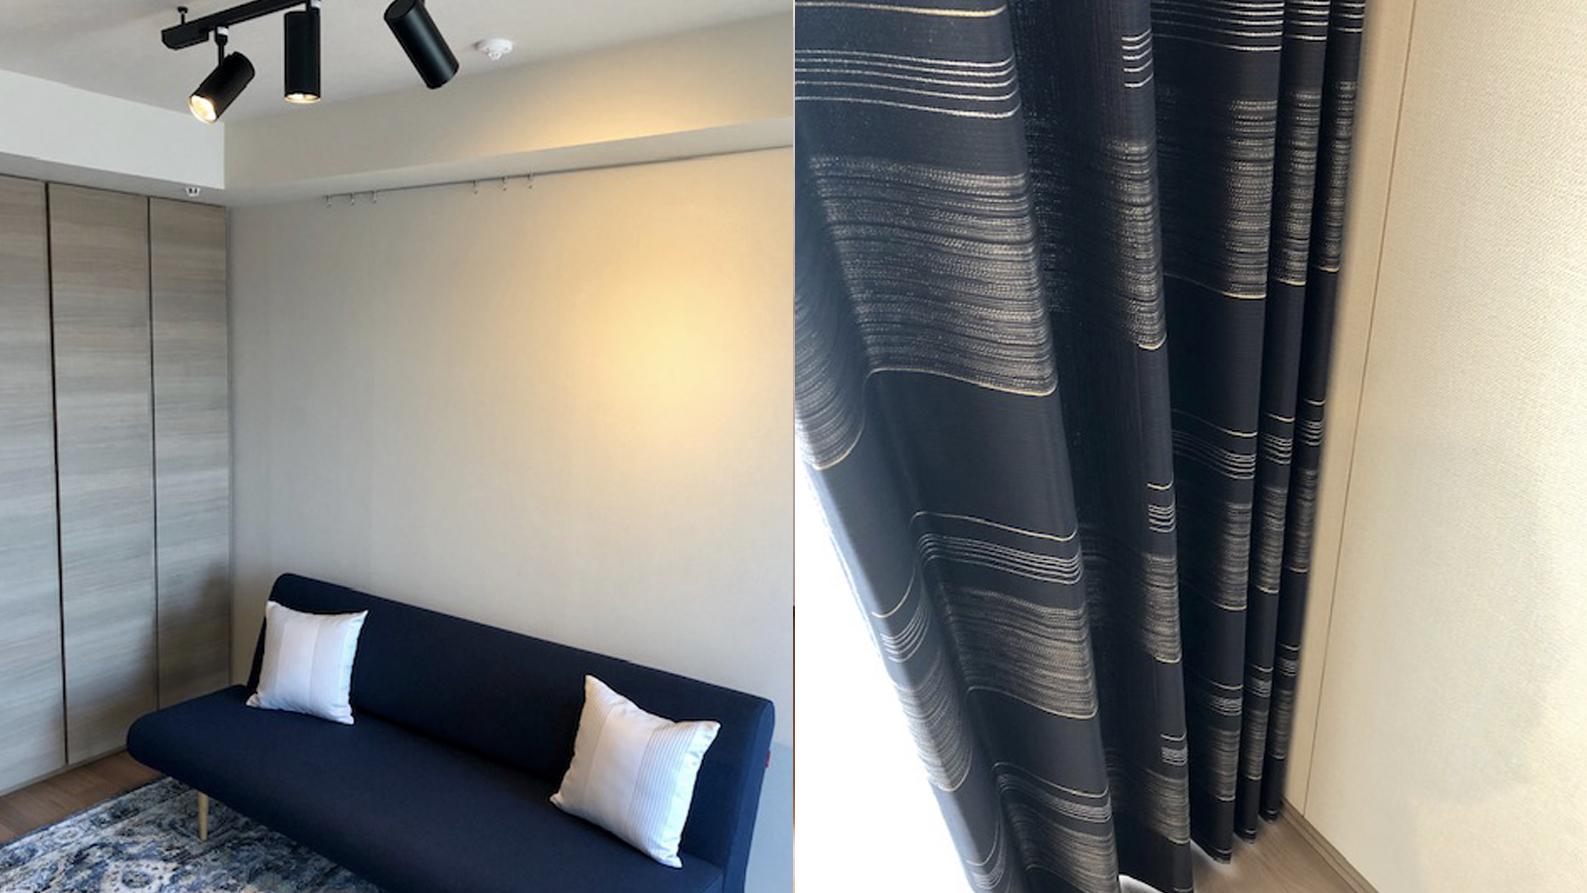 ネイビー×シルバーのカーテンとコーディネートしたソファベッドのあるワンルーム